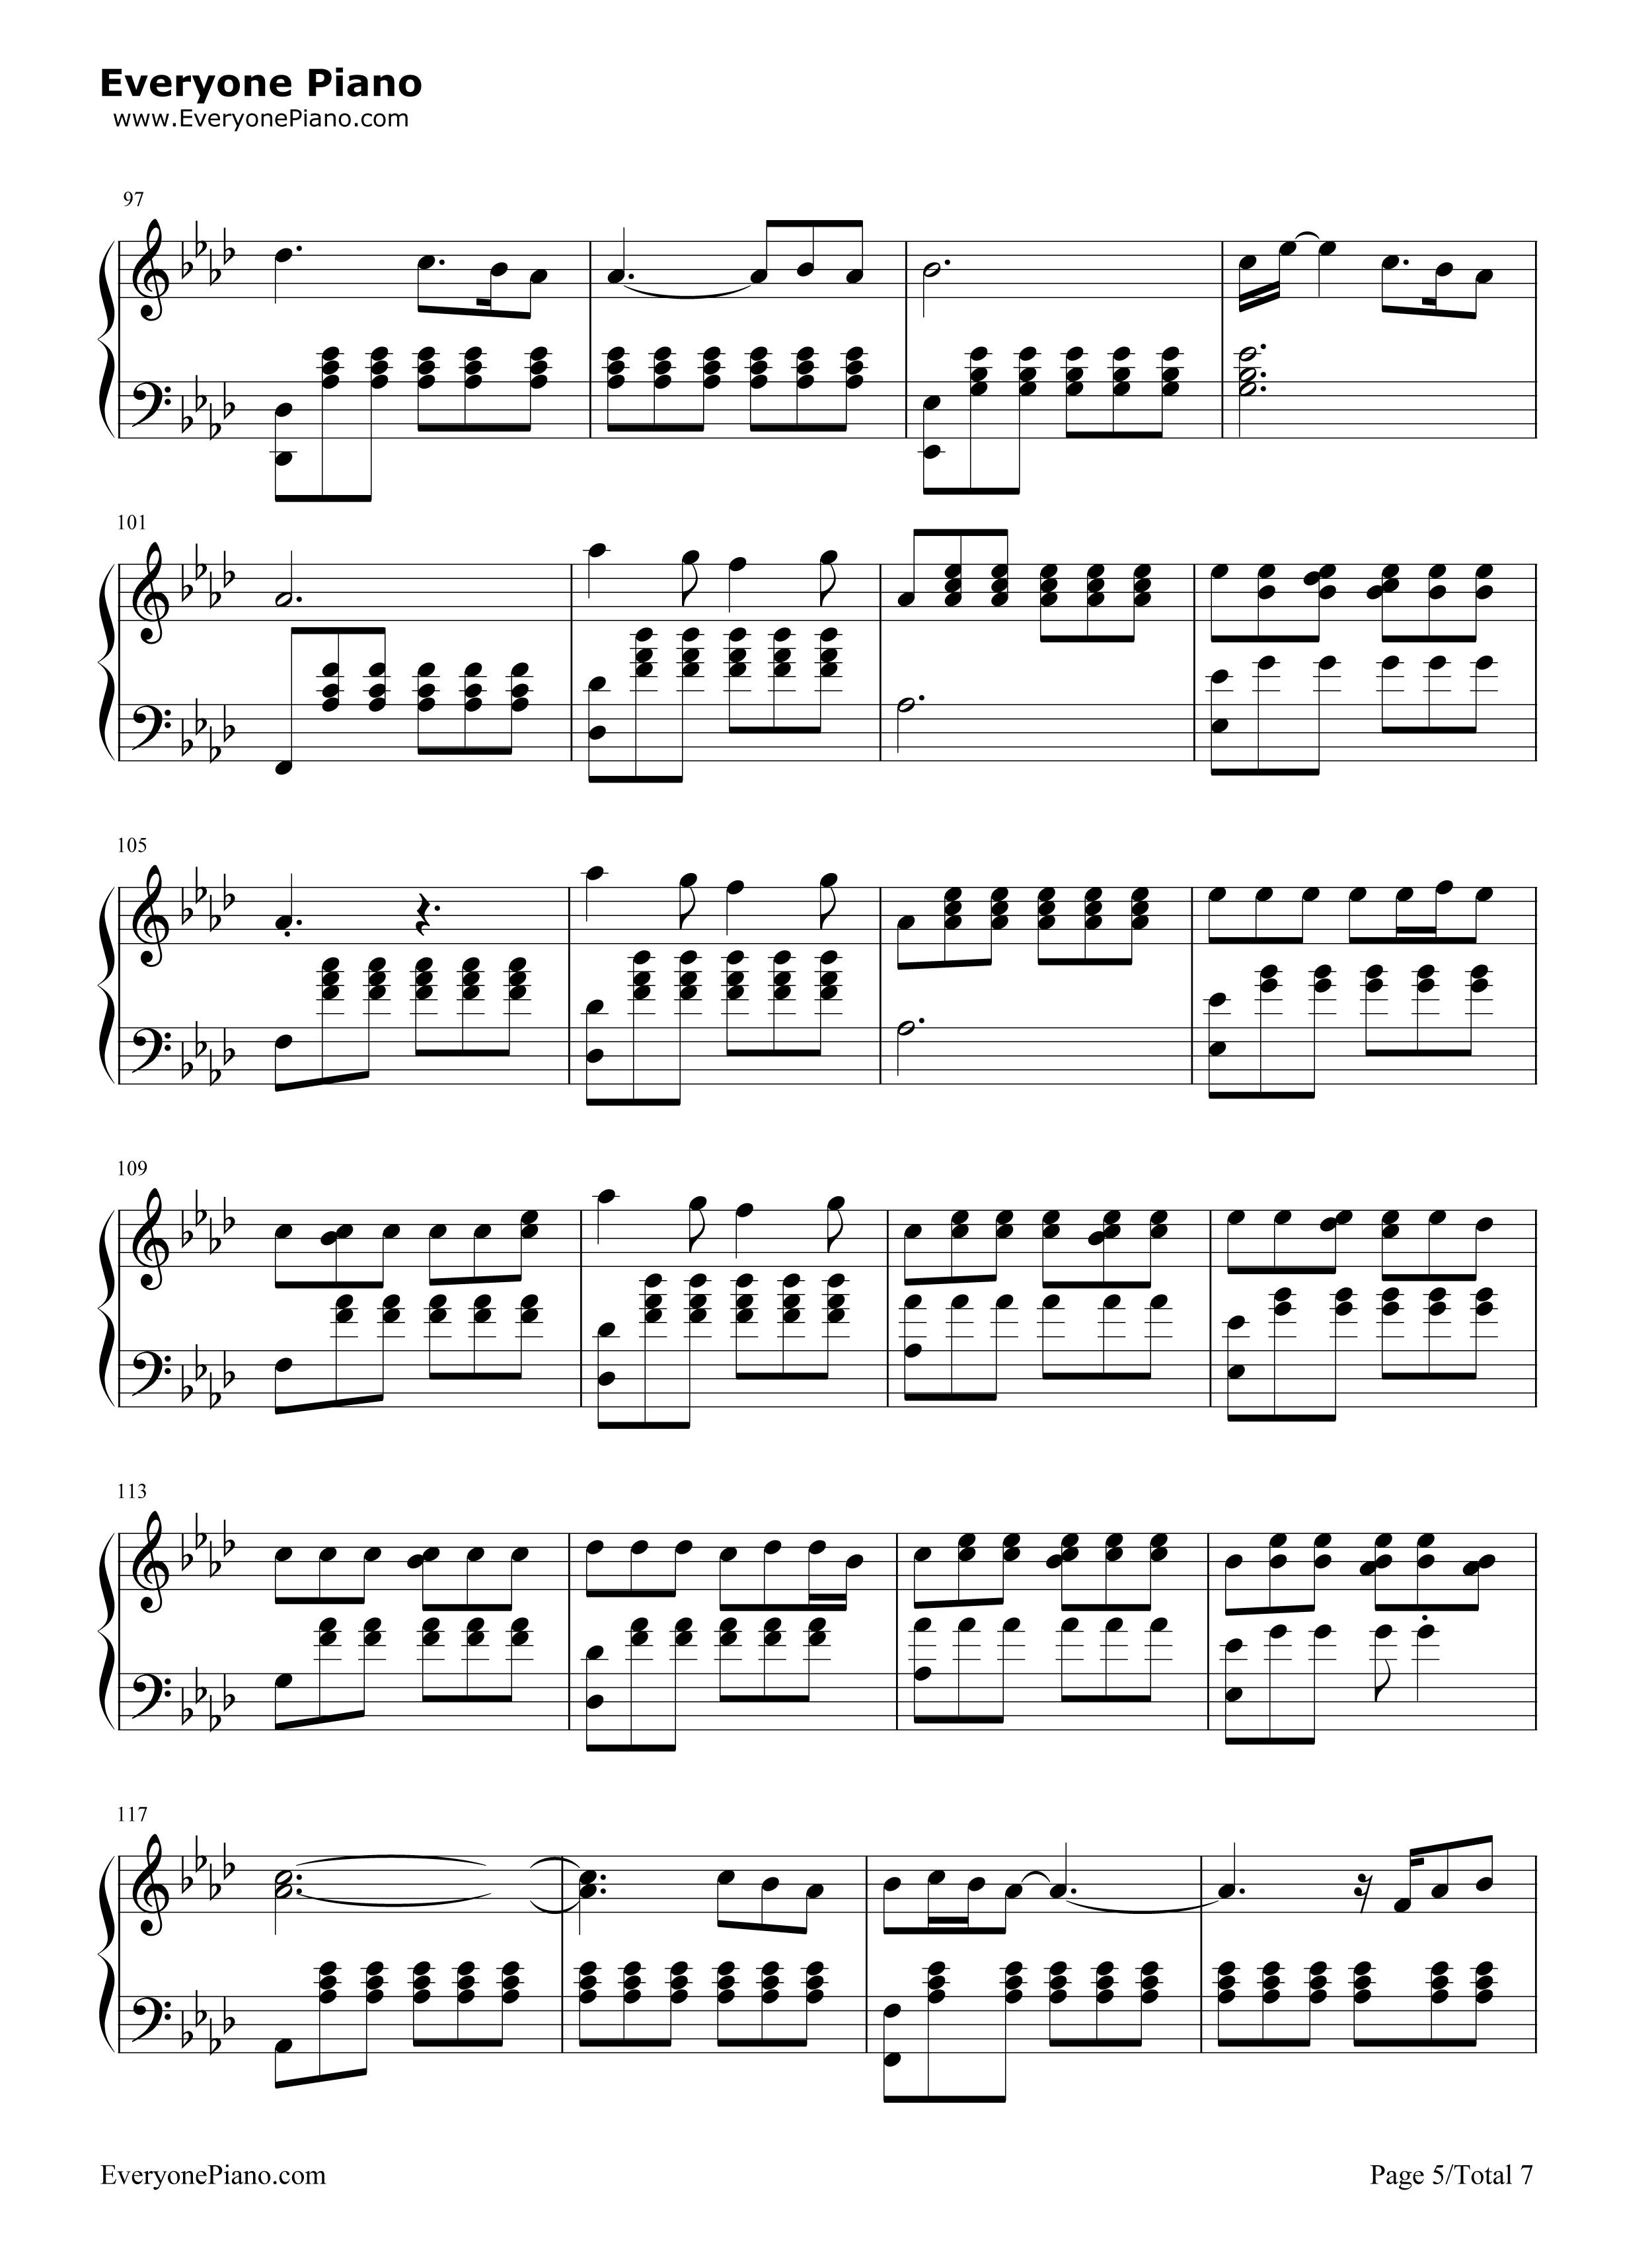 Perfect ed sheeran stave preview 5 free piano sheet music piano chords - Ed sheeran dive chords ...